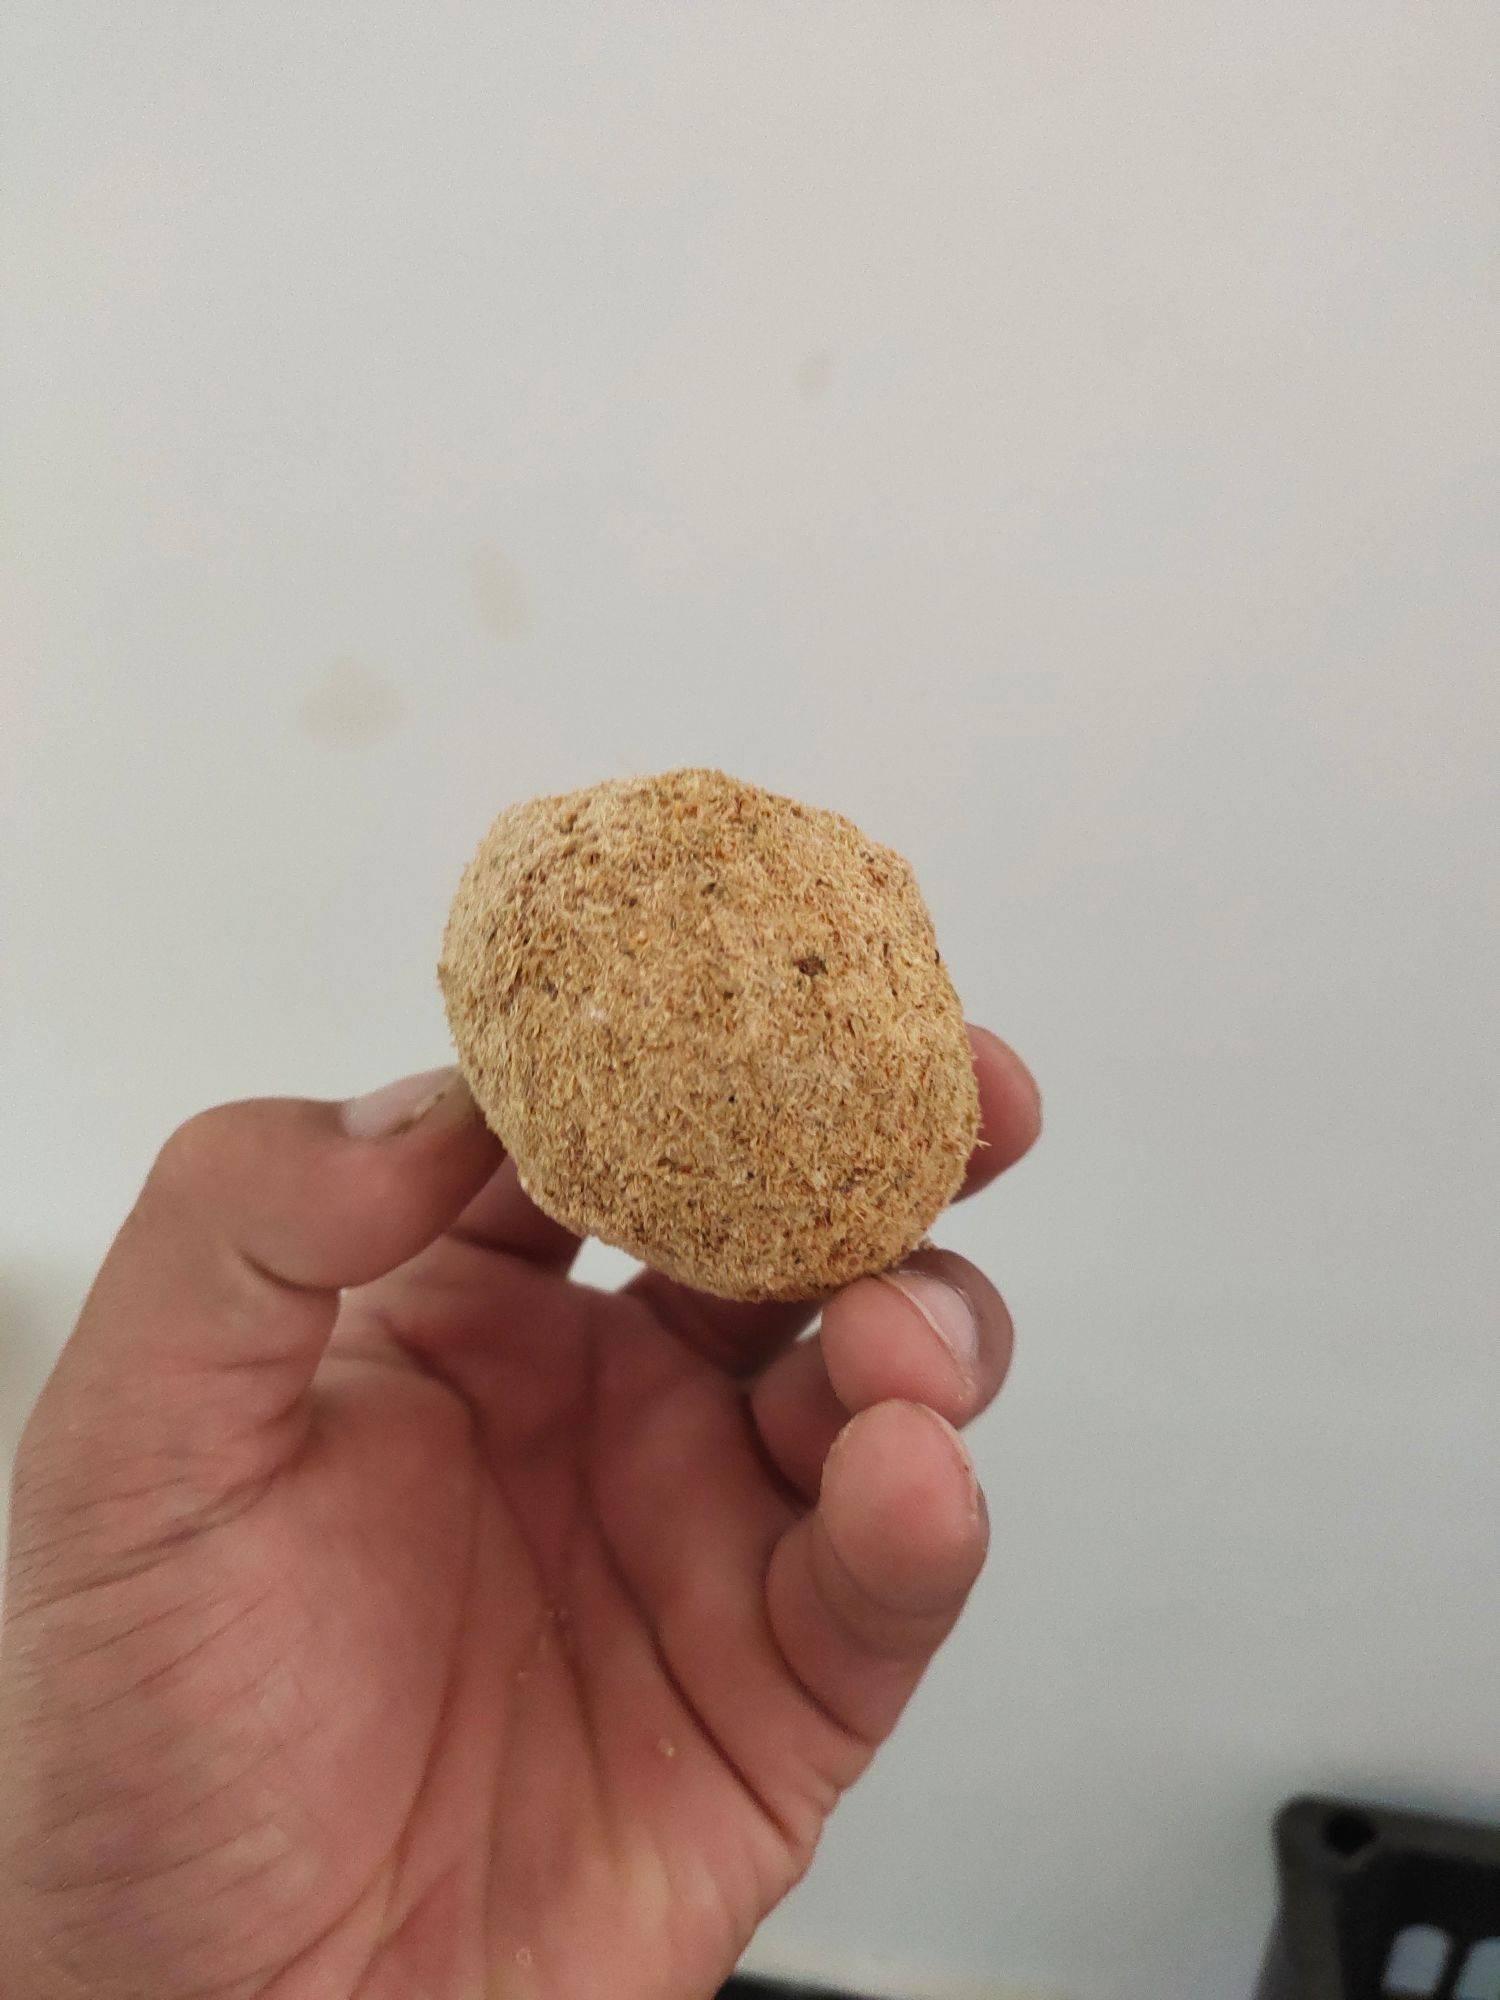 [松花鸡蛋批发]松花鸡蛋价格0.8元/斤